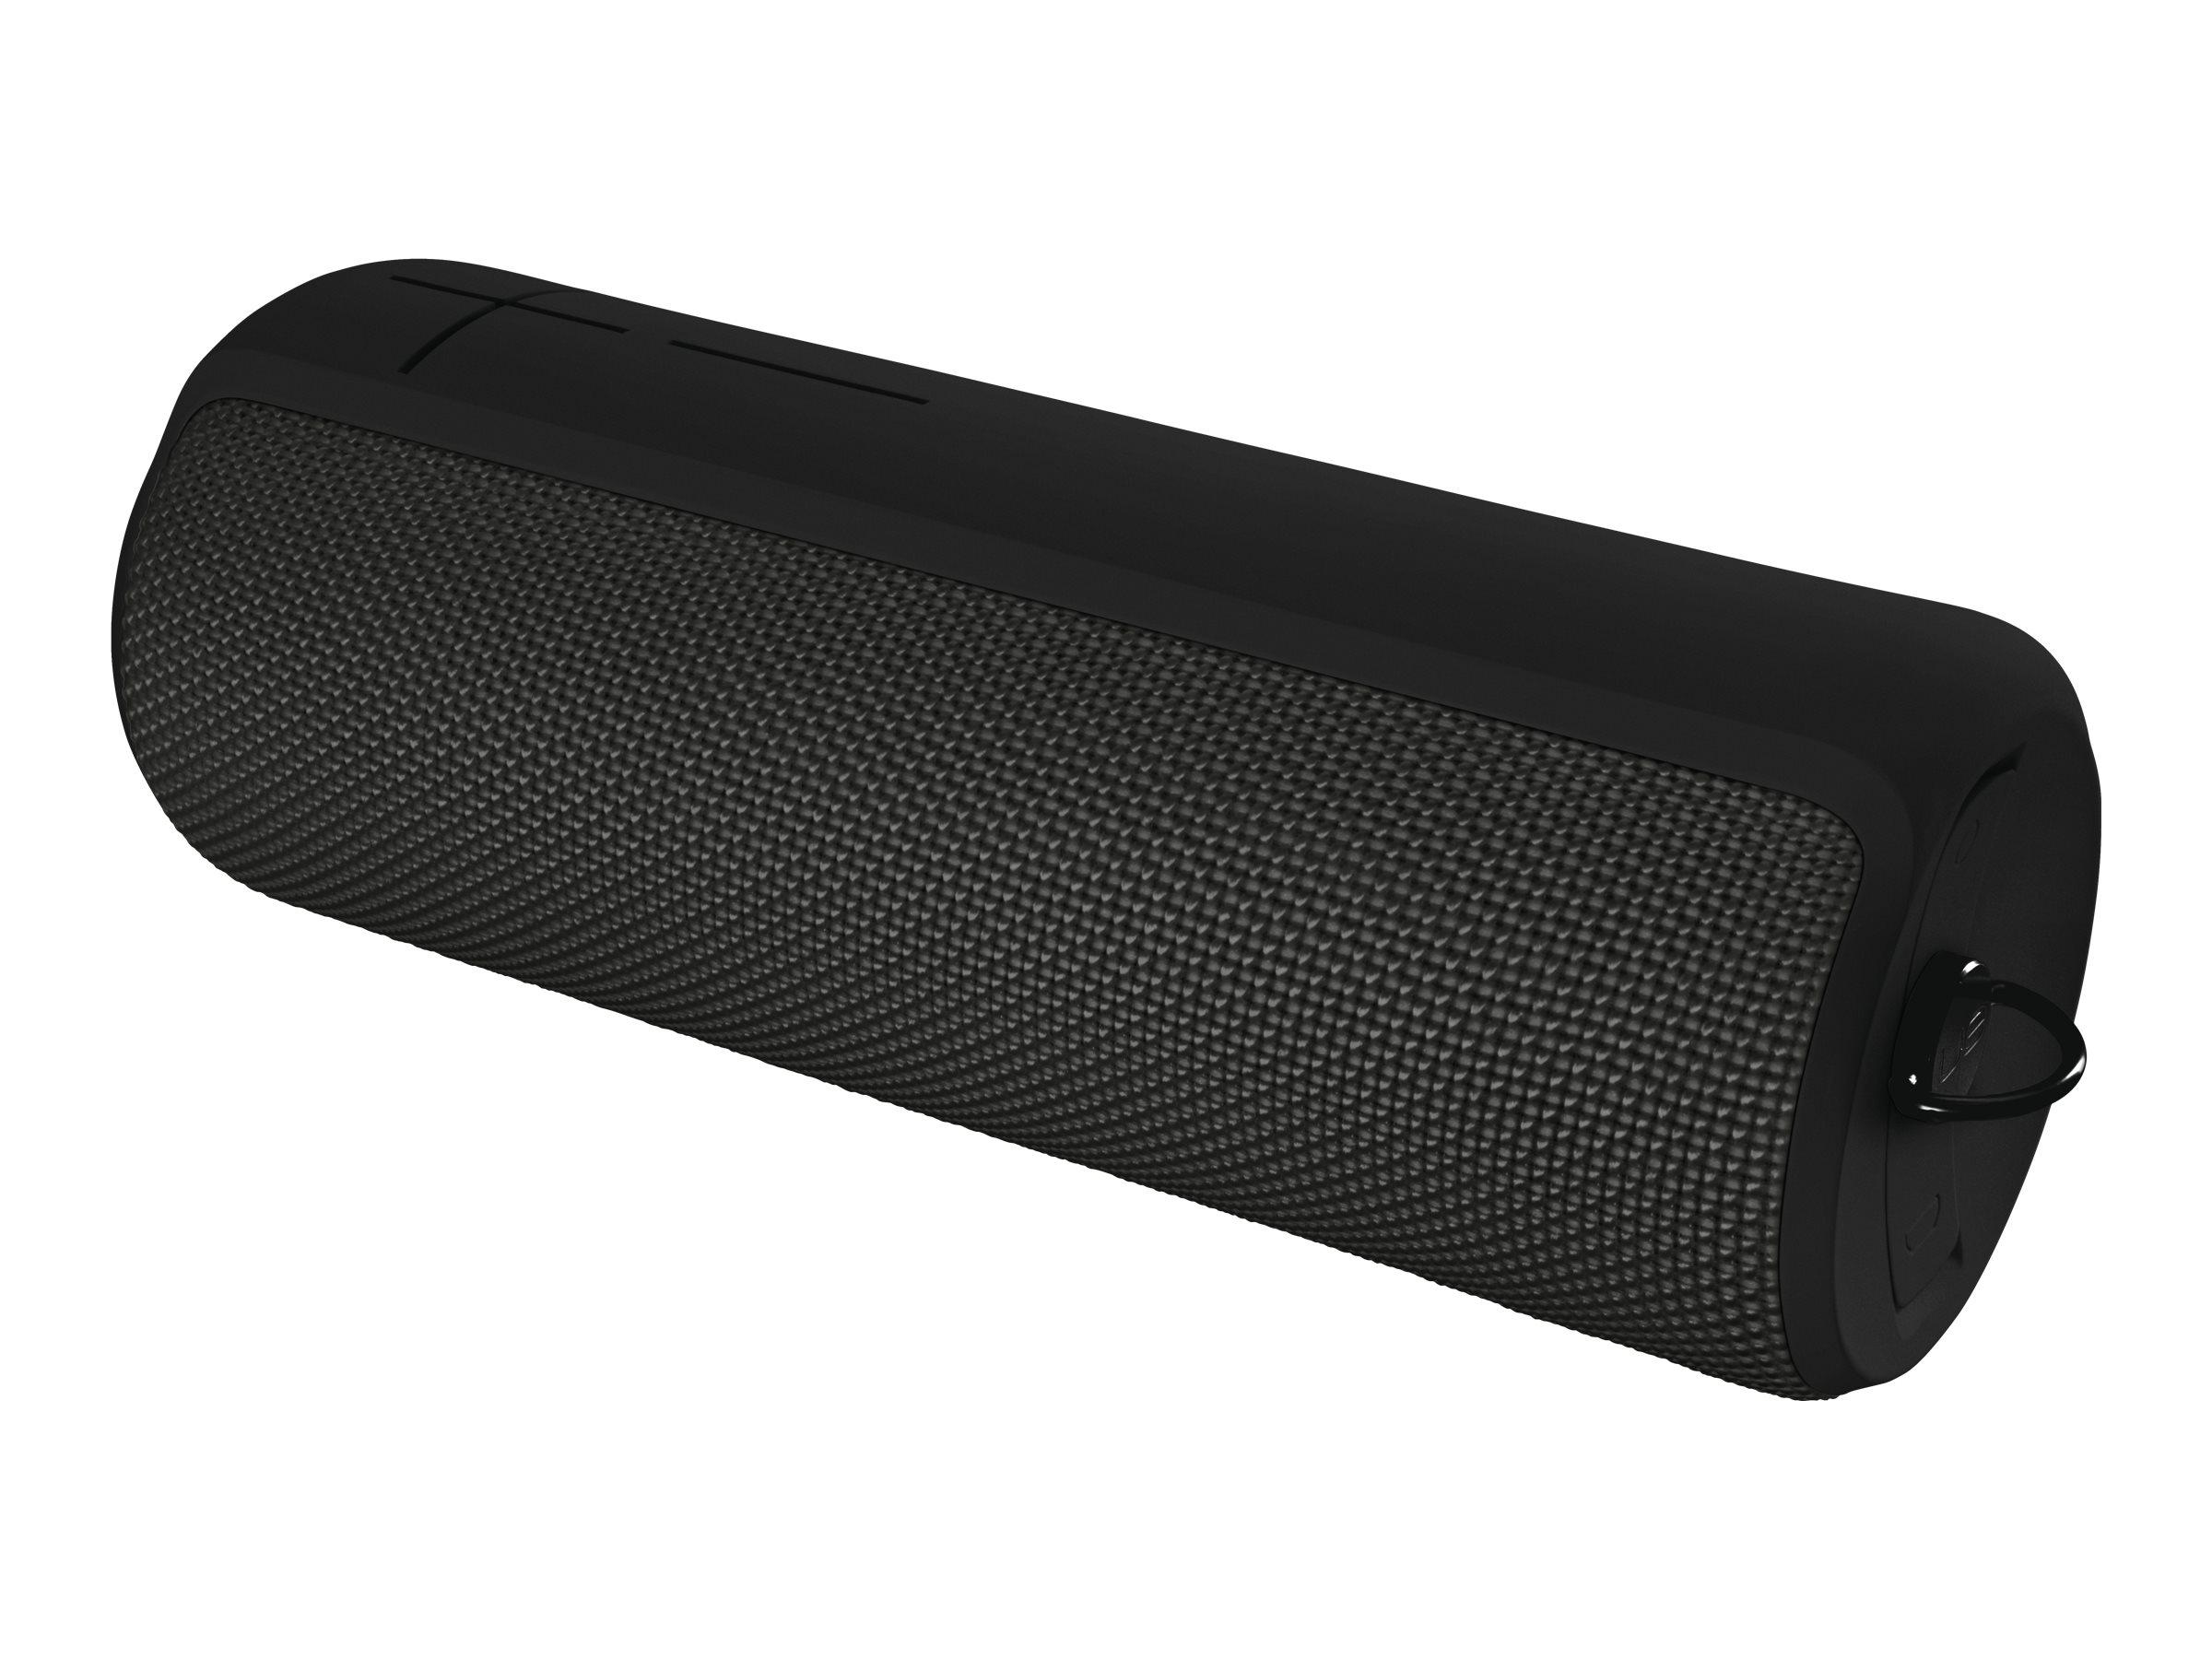 Ultimate Ears BOOM 2 - Lautsprecher - tragbar - kabellos - Bluetooth, NFC - Drache schwarz